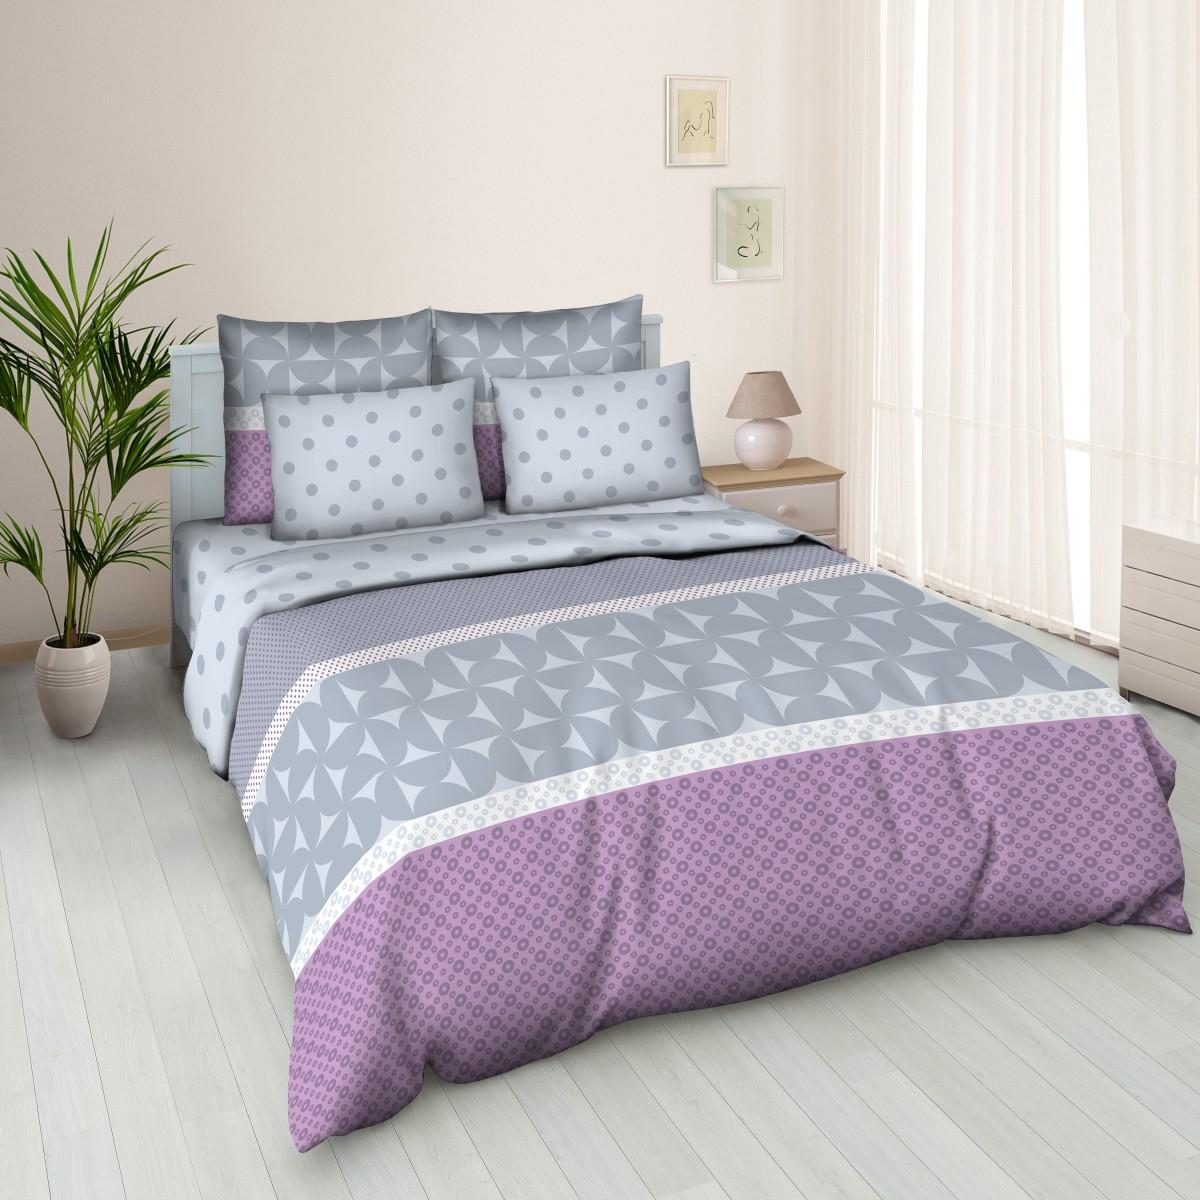 Комплект белья Letto, евро, наволочки 70х70, цвет: серый. B136-6 комплект белья letto дуэт семейный наволочки 70х70 цвет голубой b33 7